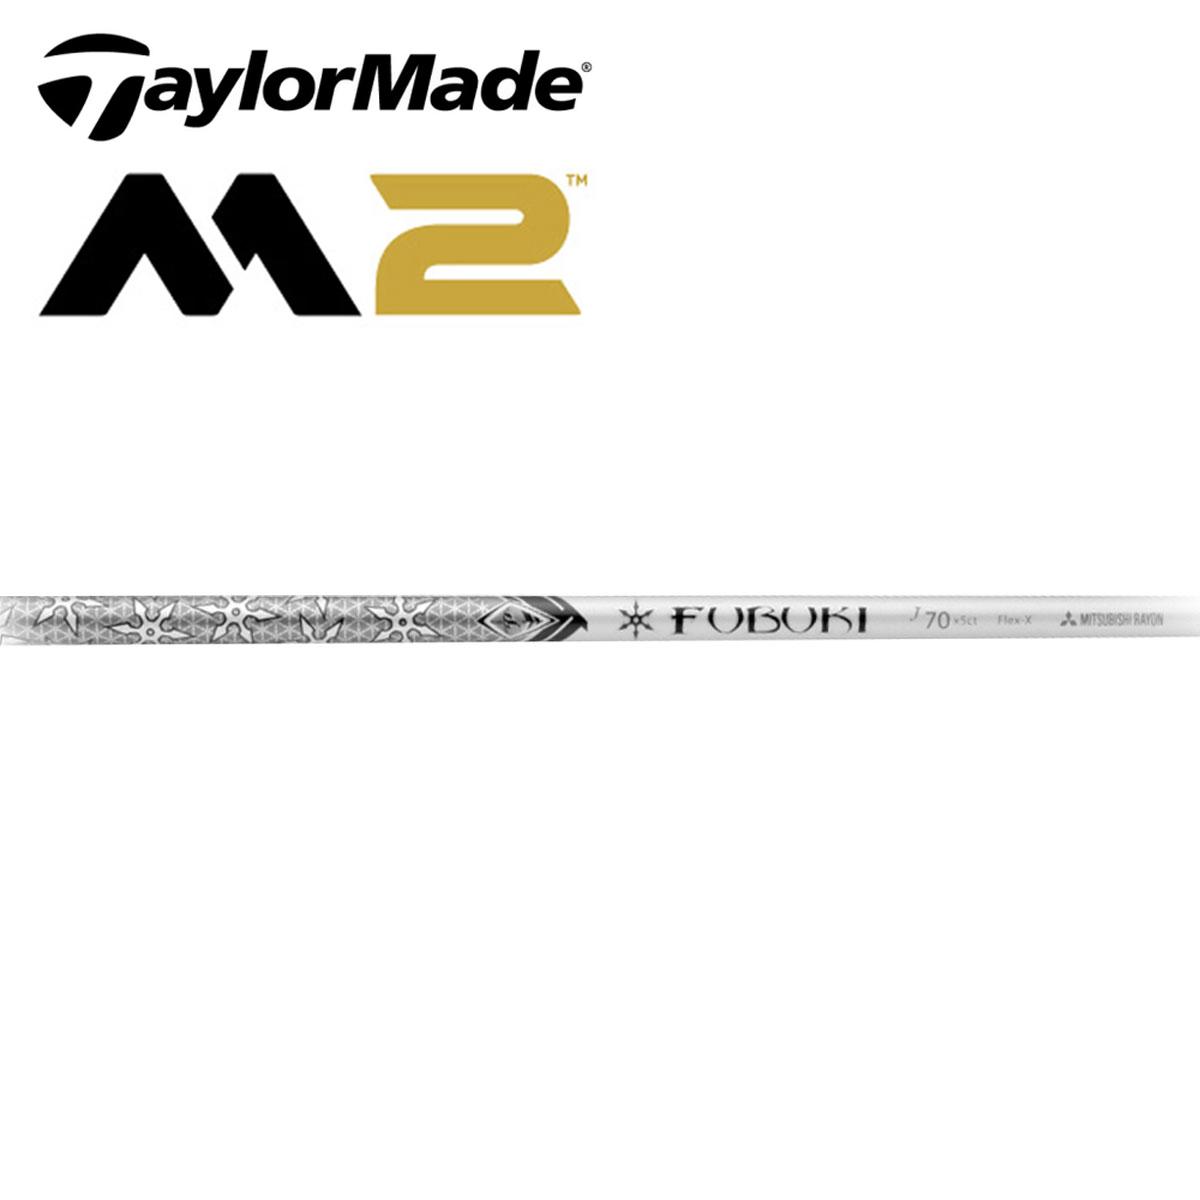 FUBUKI Jシリーズ M2 ドライバーロフト10.5度用スリーブ付きシャフト 2016年モデル【テーラーメイド専用】